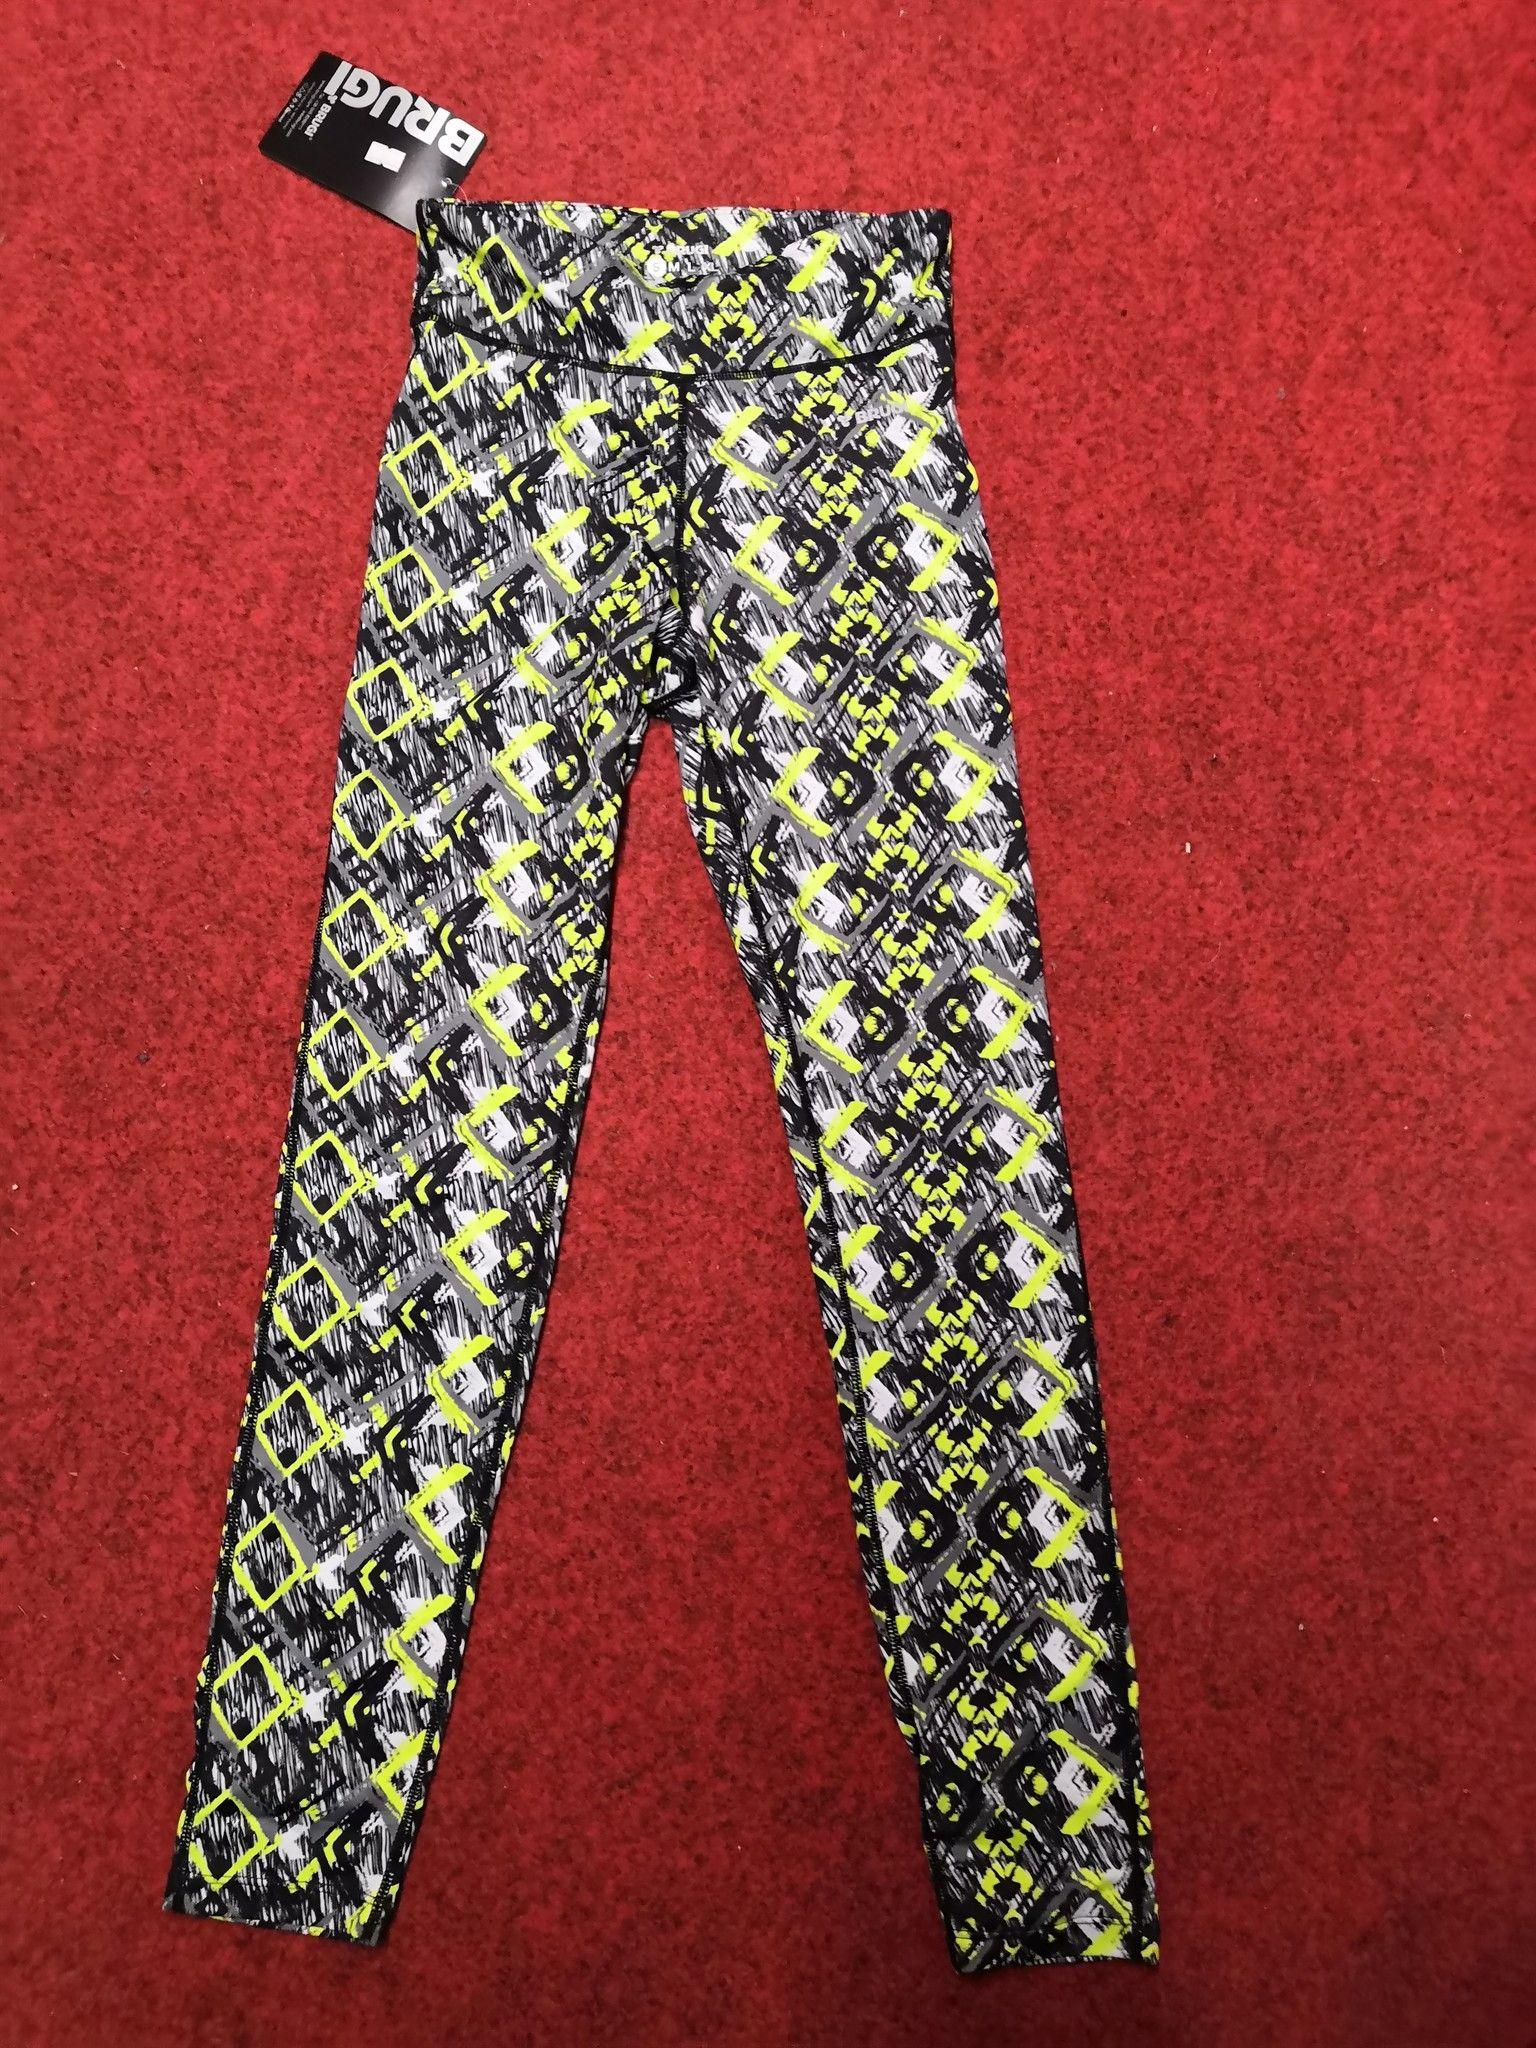 eaf4e5450c PANTALONI DONNA SPORT BRUGI | Abbigliamento Donna Pantaloni | Shop Online:  Forchini di tutto di più